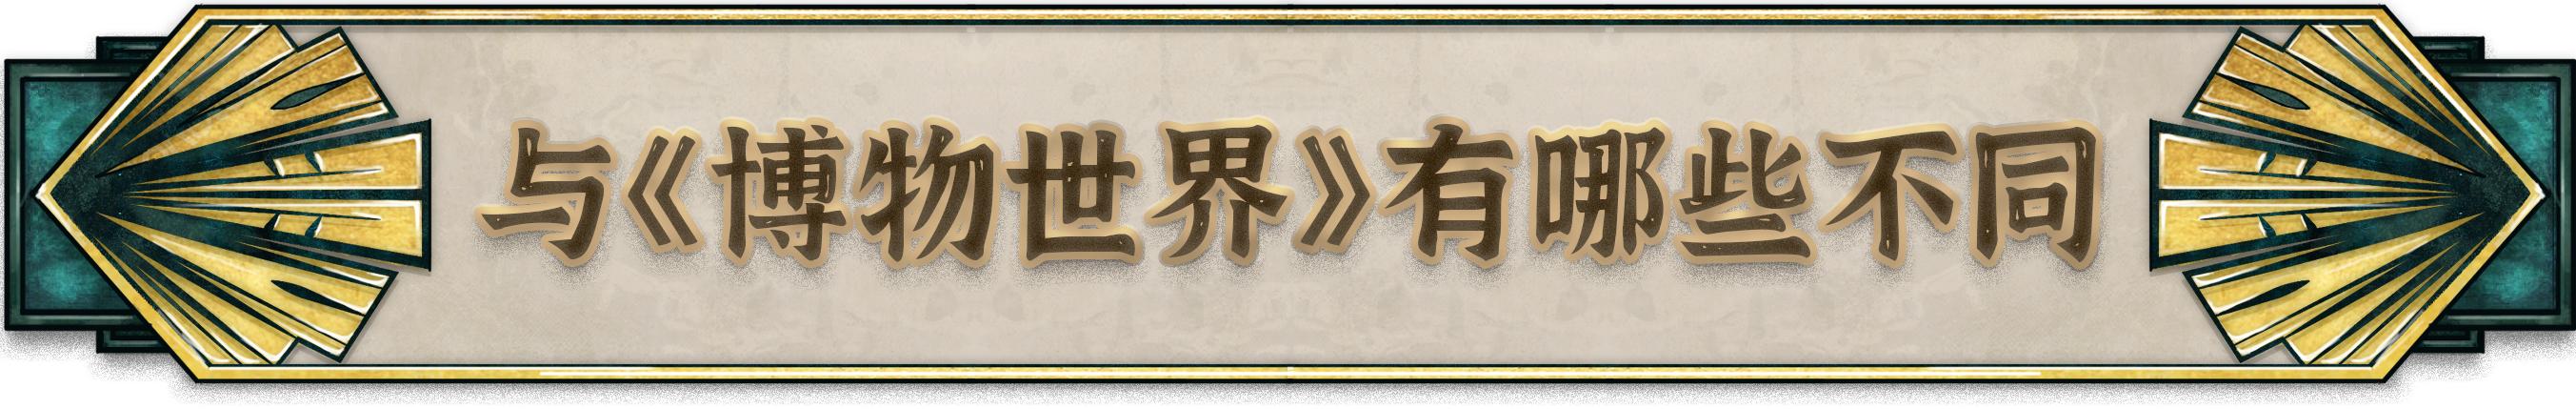 titre-ks-与《博物世界》有哪些不同.jpg